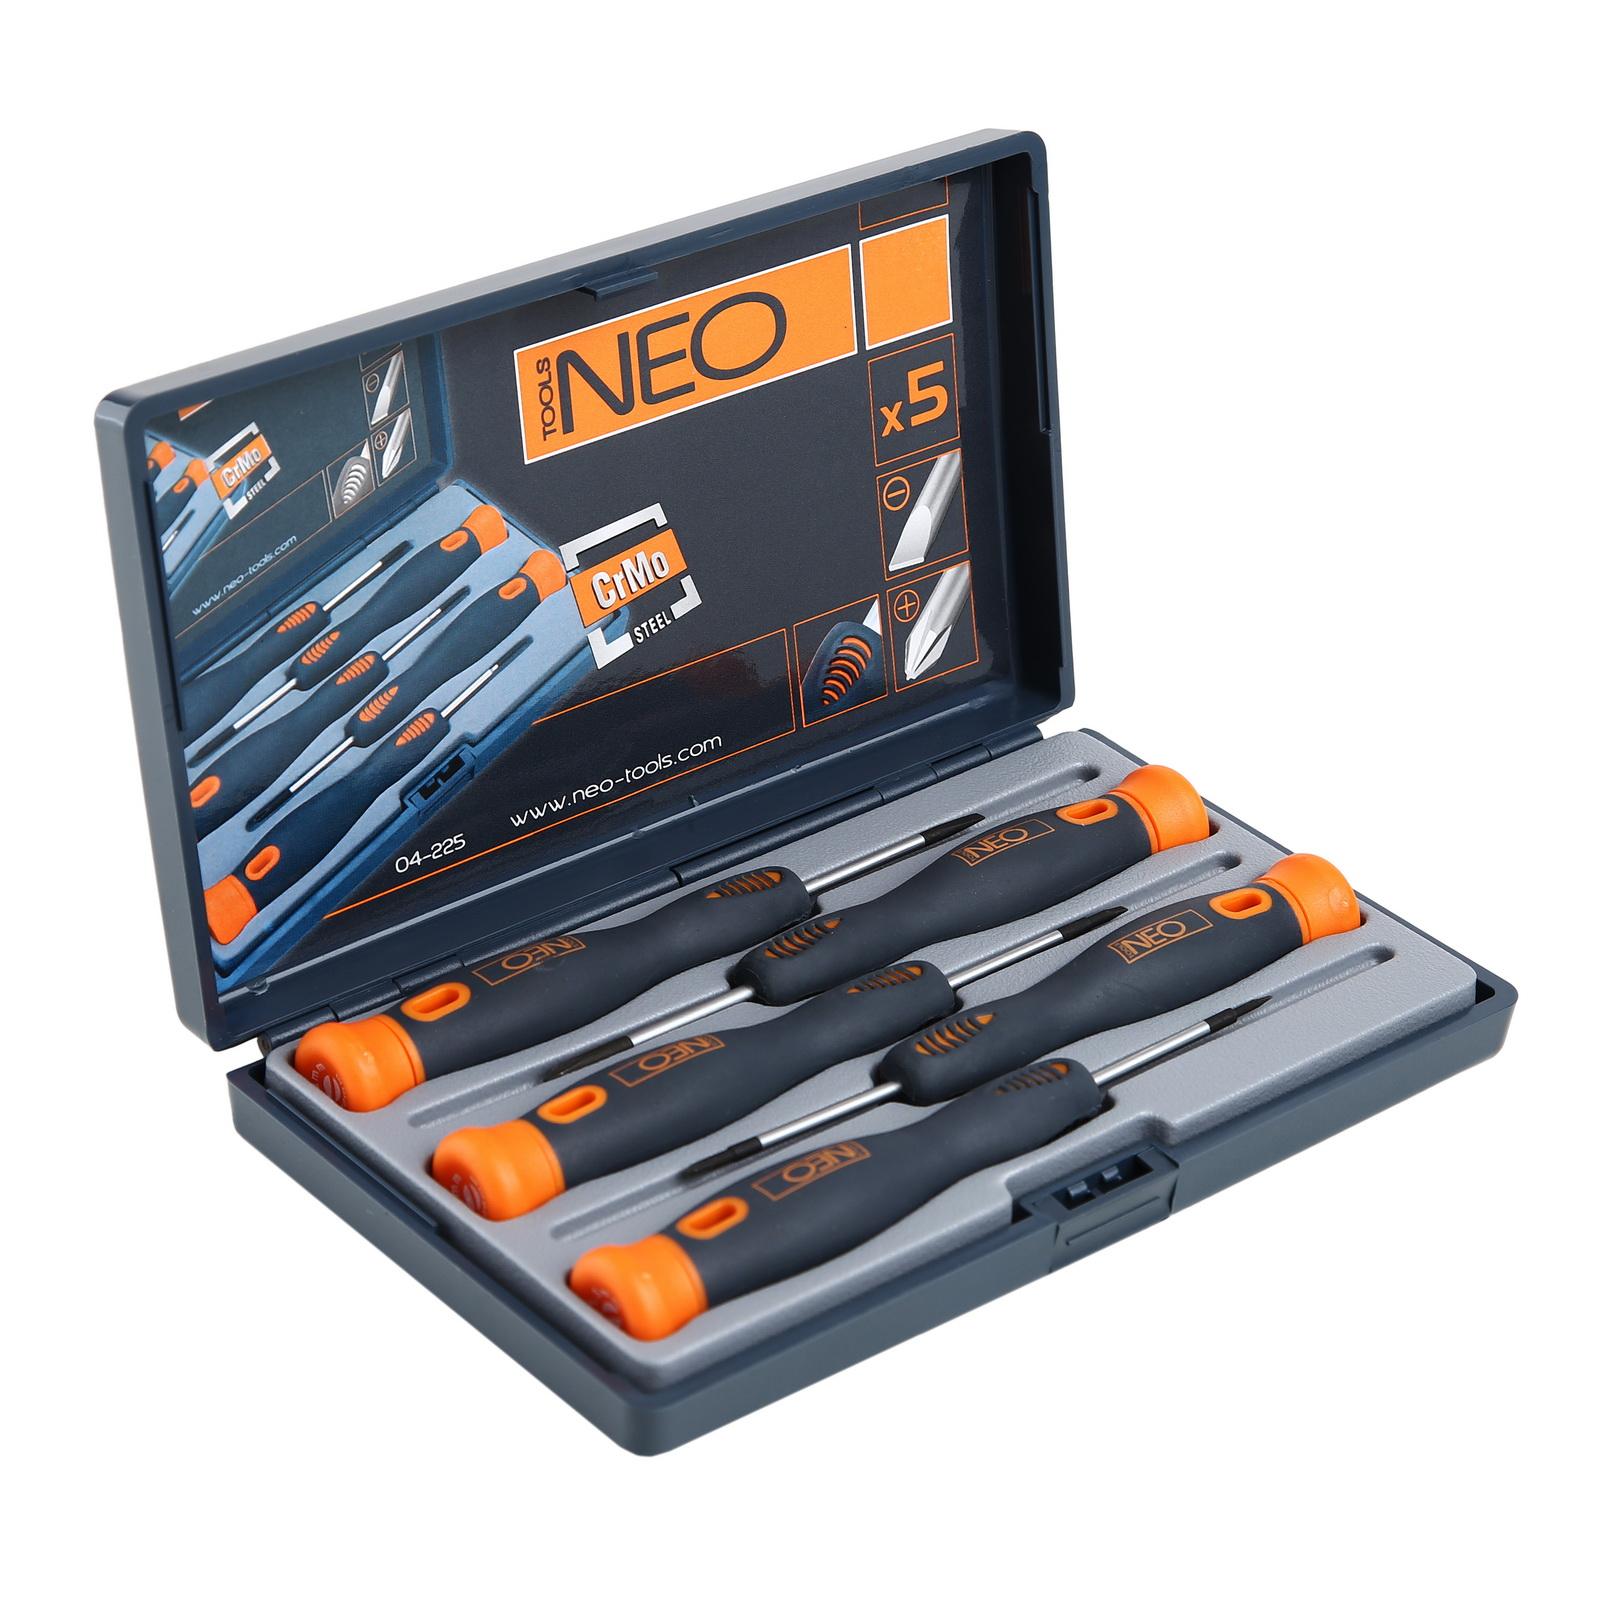 Набор отверток для точных работ, 5 шт. Neo 04-225 набор отверток neo 04 225